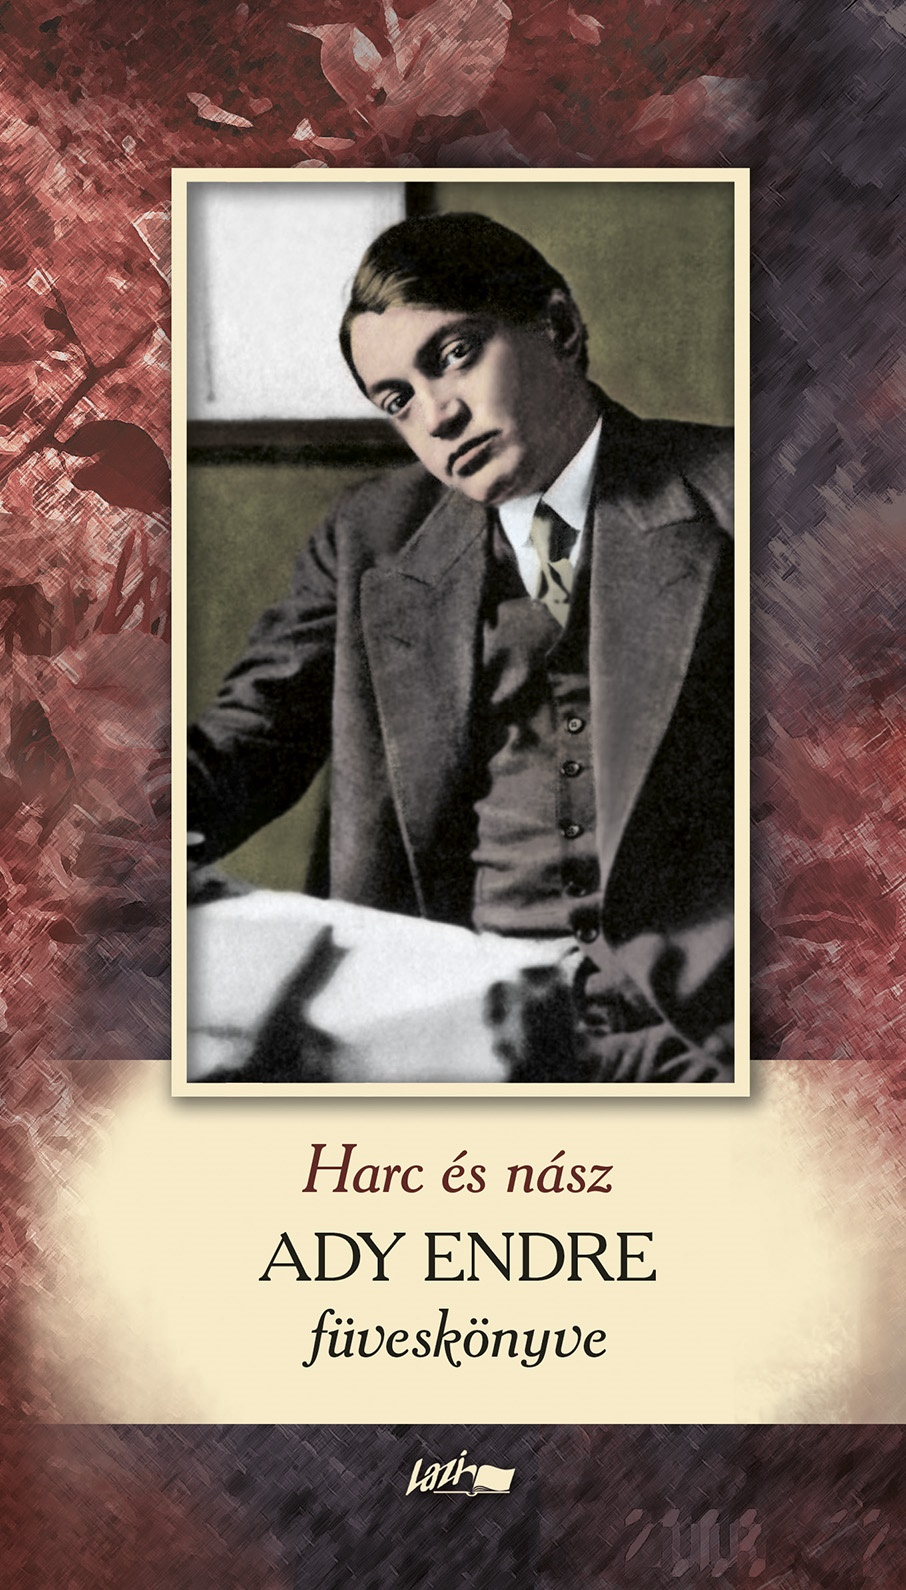 Ady Endre - Harc és nász - Ady Endre füveskönyve